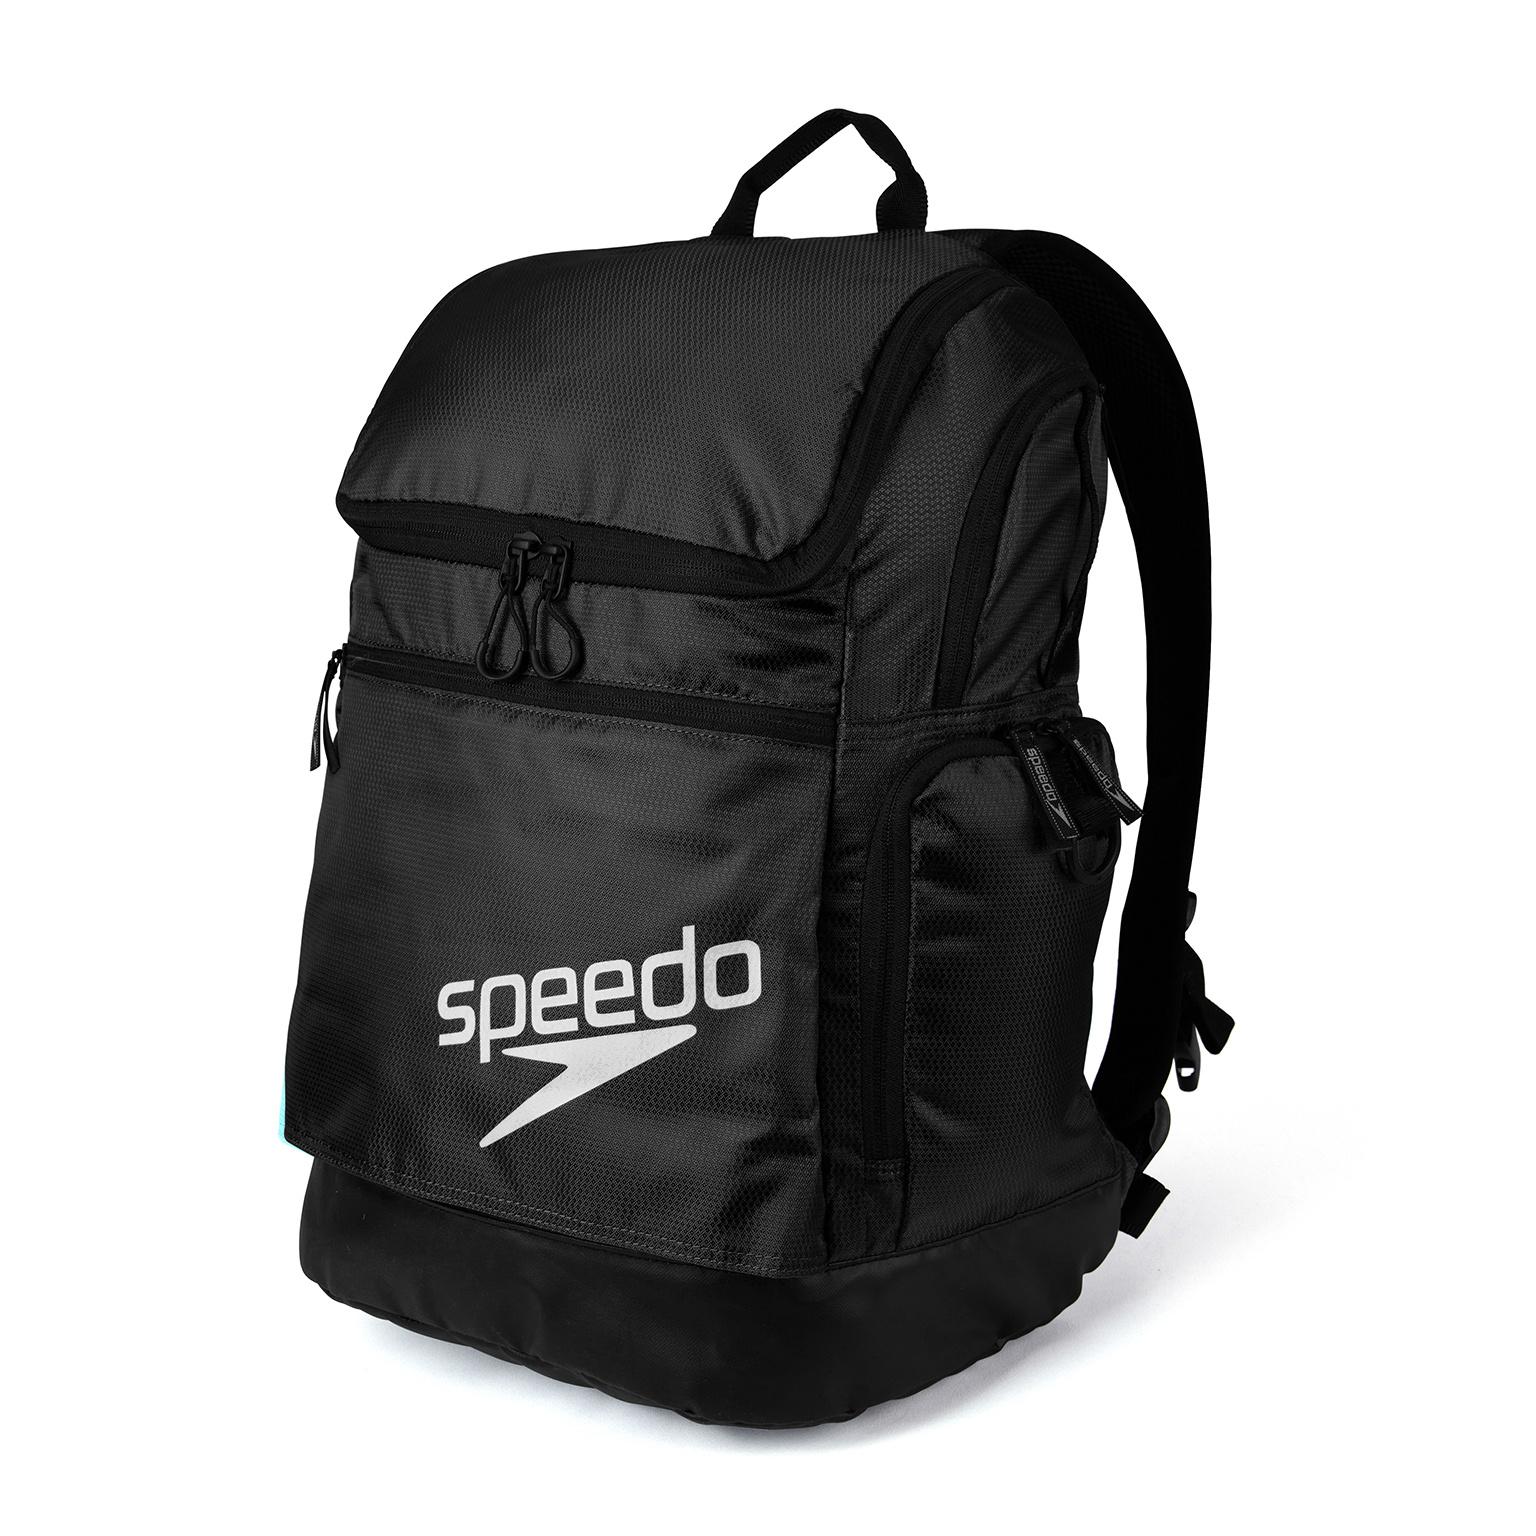 Speedo rugtas Teamster 2.0 35L zwart